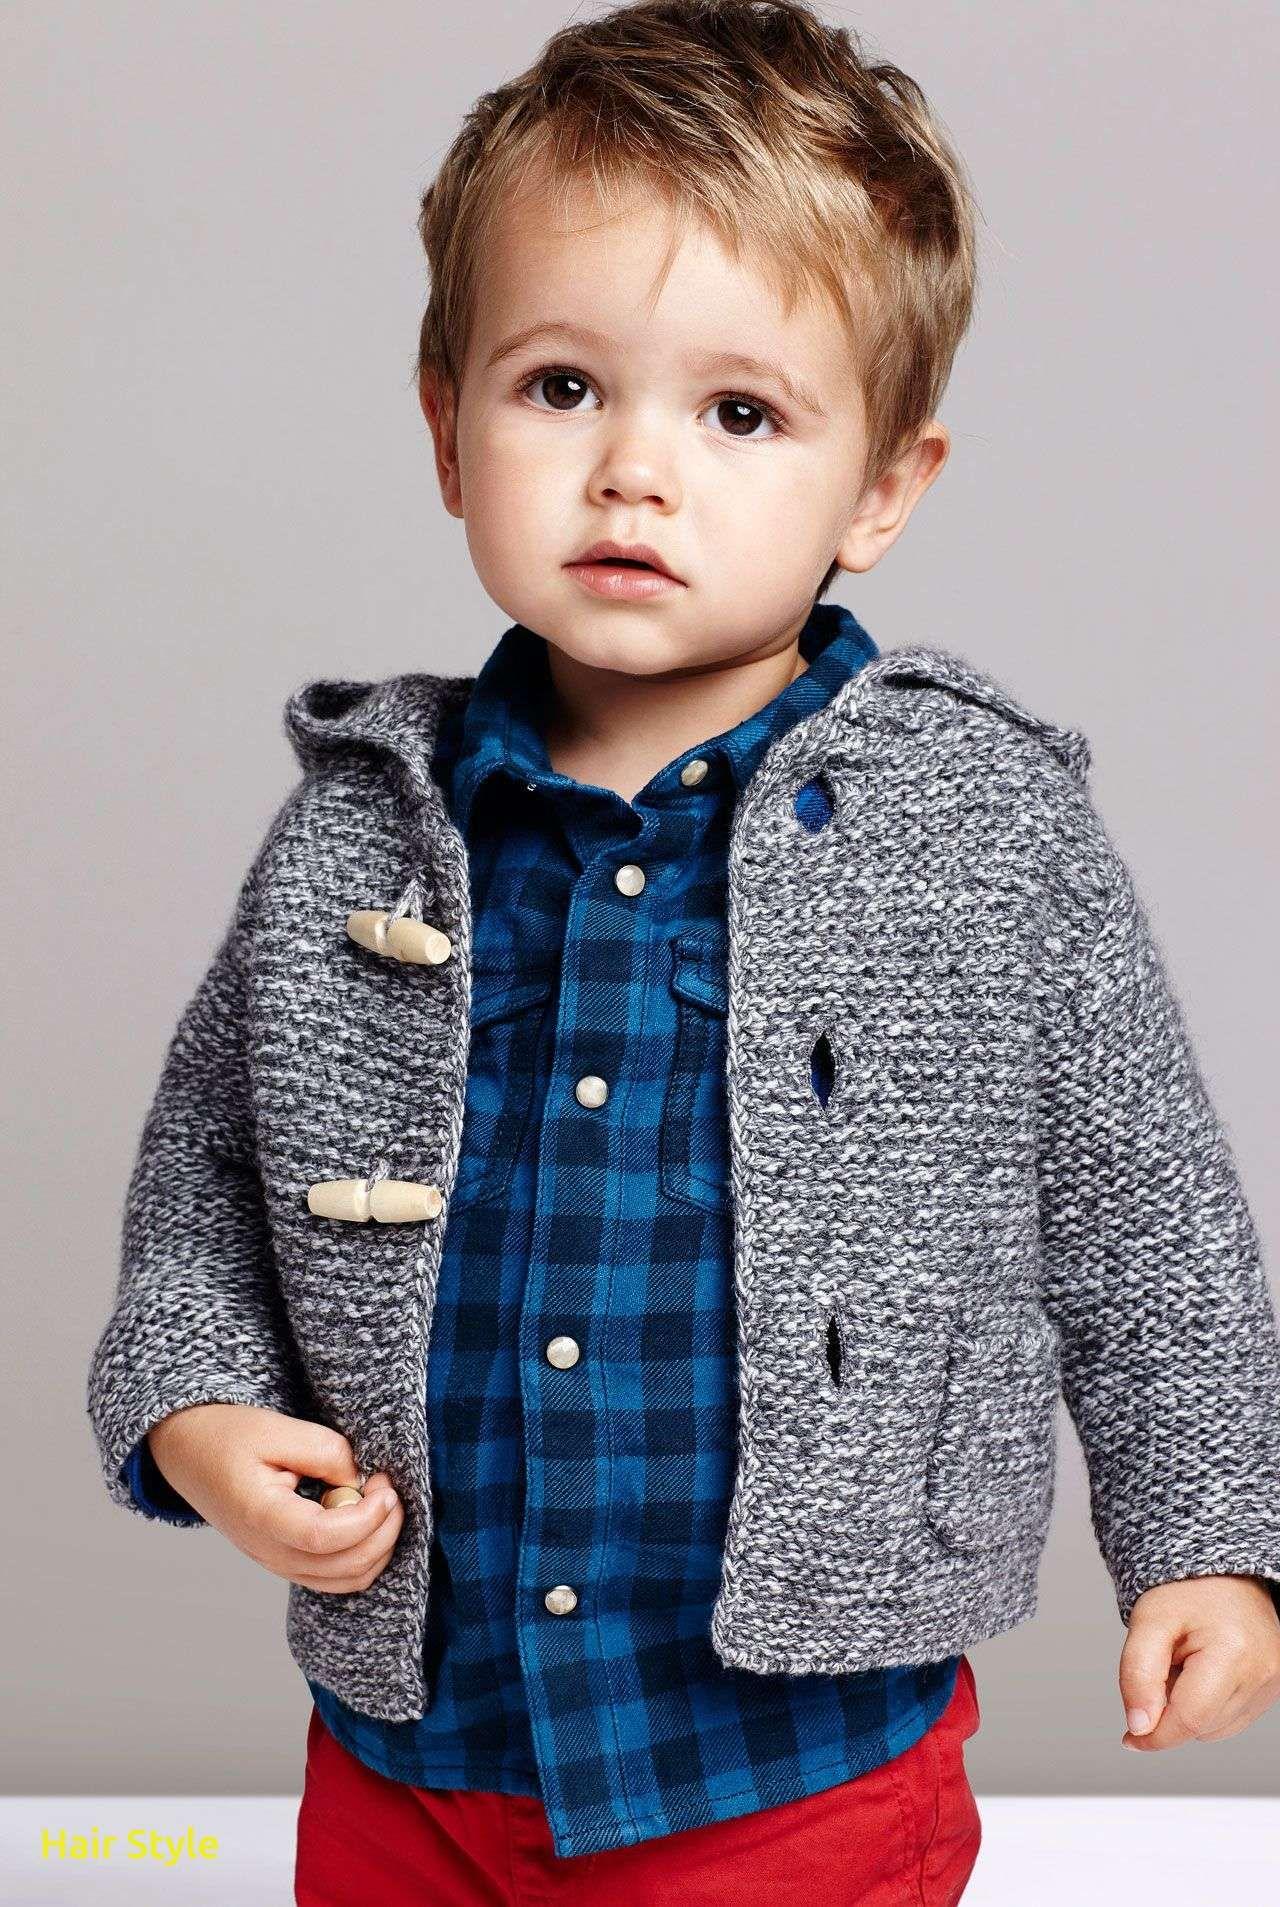 a07ee554e43eb6 Elegante 8-jährige Boy Haircuts #jungen #kinderfrisuren #cute #trendy  #fürjungen #mädchen #frisuren #frisur #jungs #stock #shorthaircuts #2018